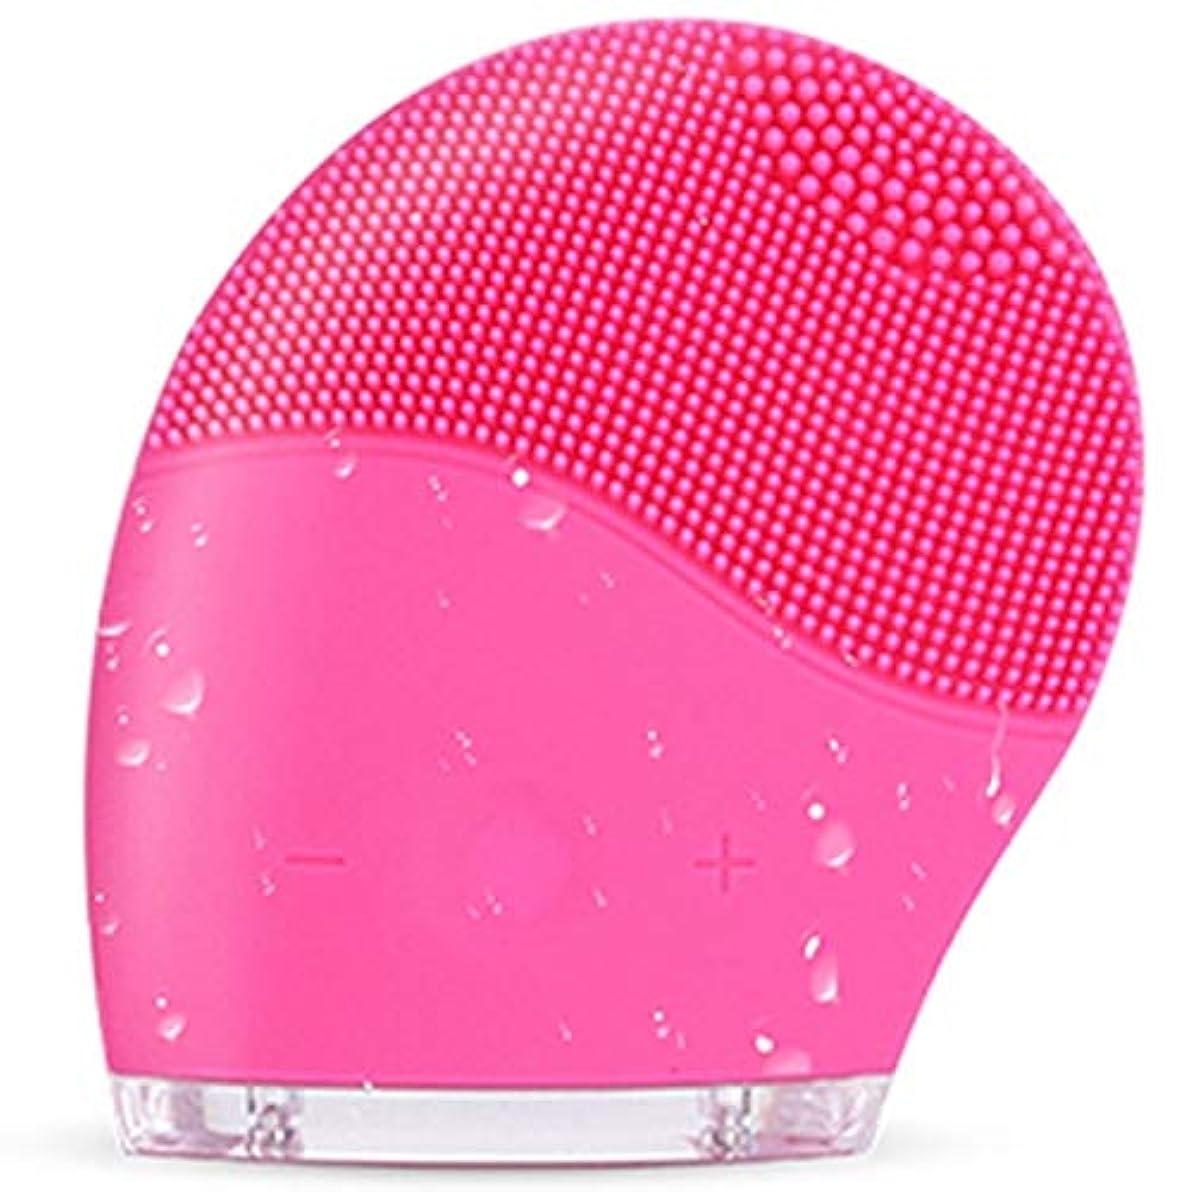 すべての肌タイプのディープクレンジング、スクラブ、およびにきびを減らすためのシリコンフェイスクレンジングブラシ、防水アンチエイジング超音波フェイシャルブラシ、ディープエクスフォリエーターメイクアップツール (Color...